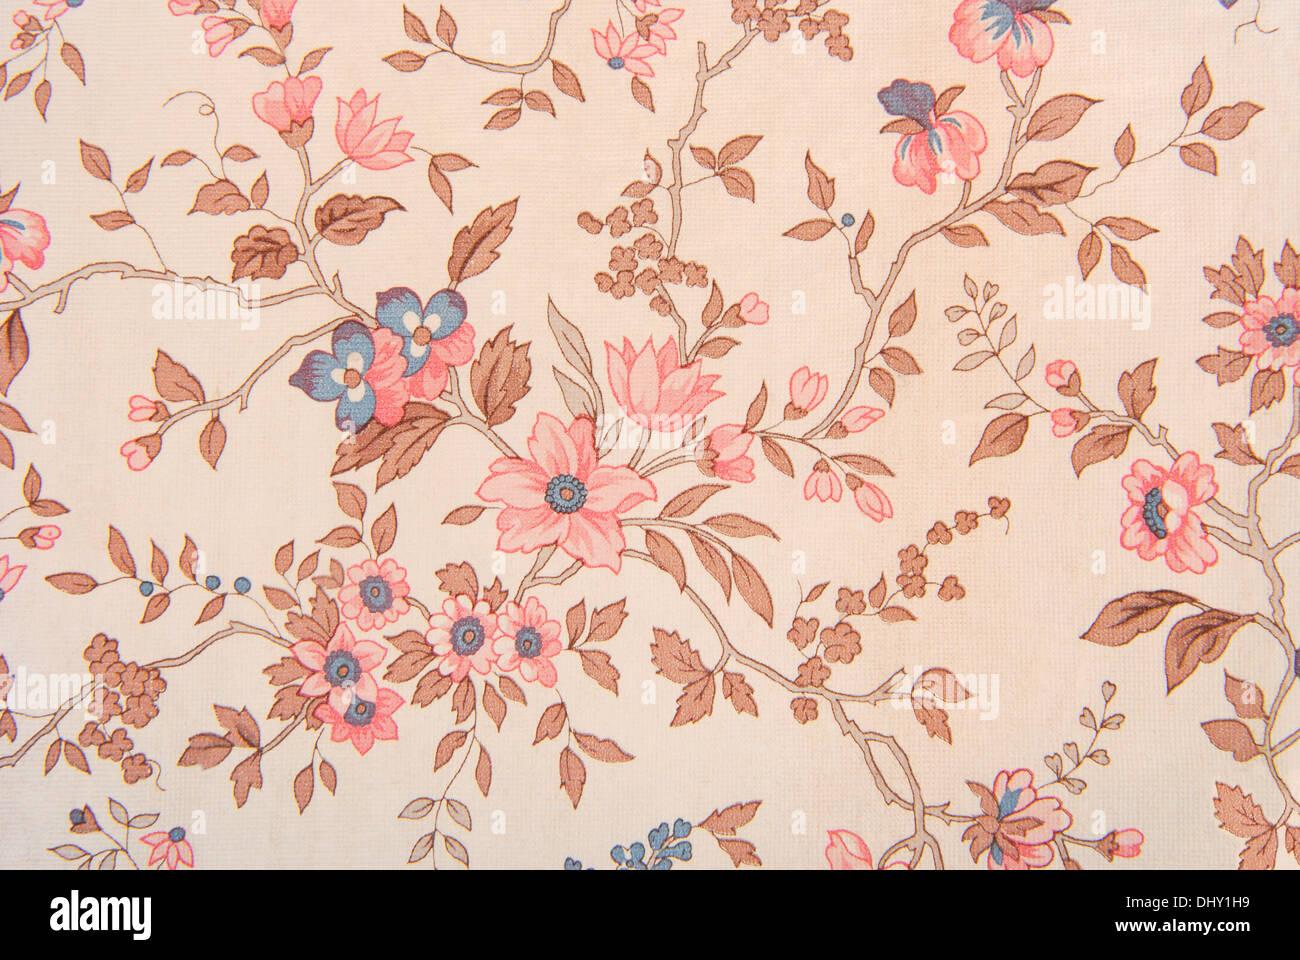 Wallpaper vecchio texture floreali Immagini Stock